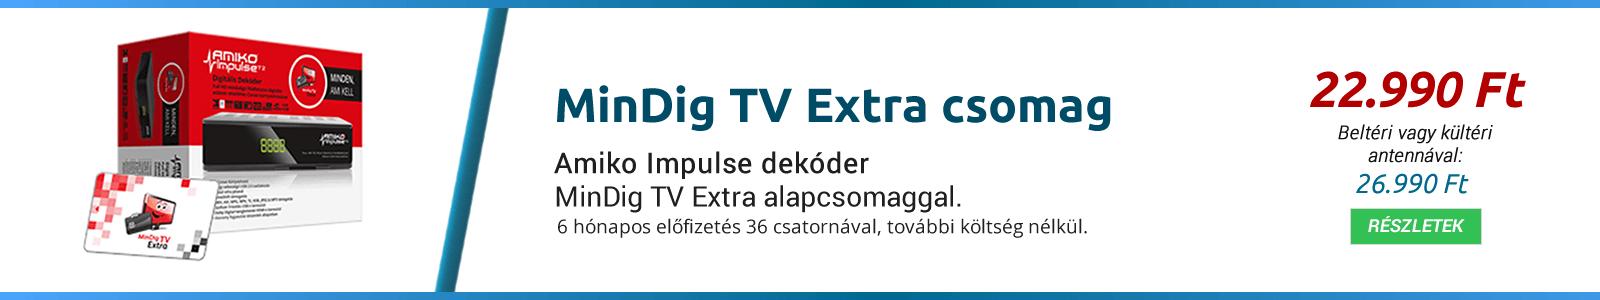 MinDig TV akc